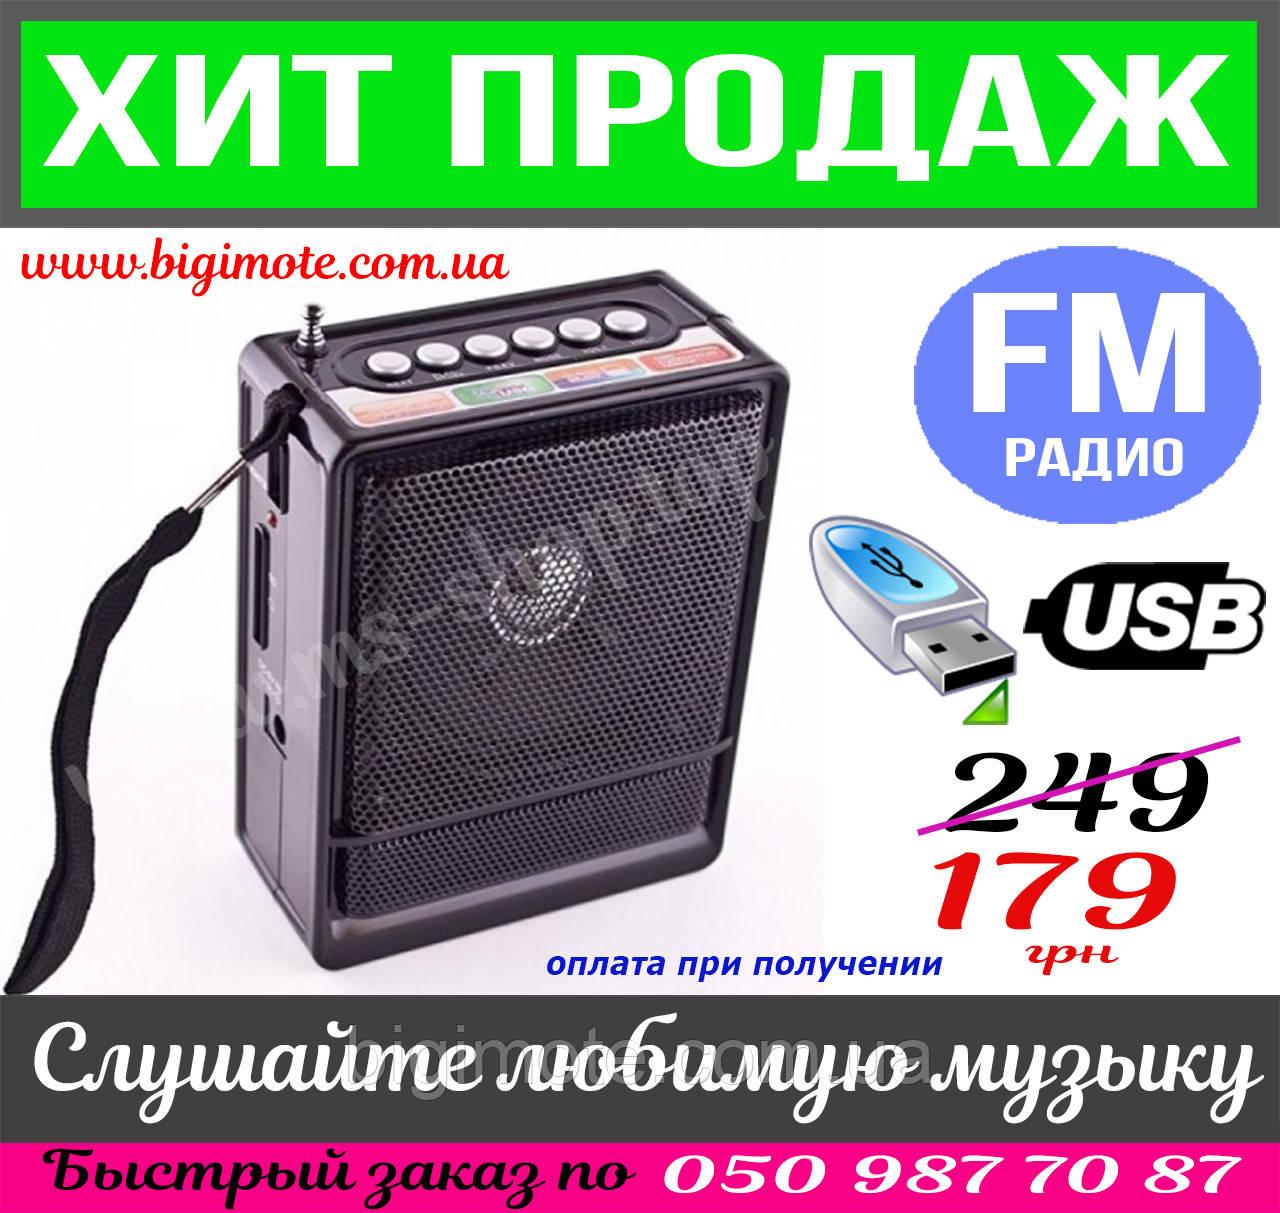 Радиоприёмник, радио, фм, приемник,приёмник, NNS-047,качественный,ФМ приемник,фм,USBподарок